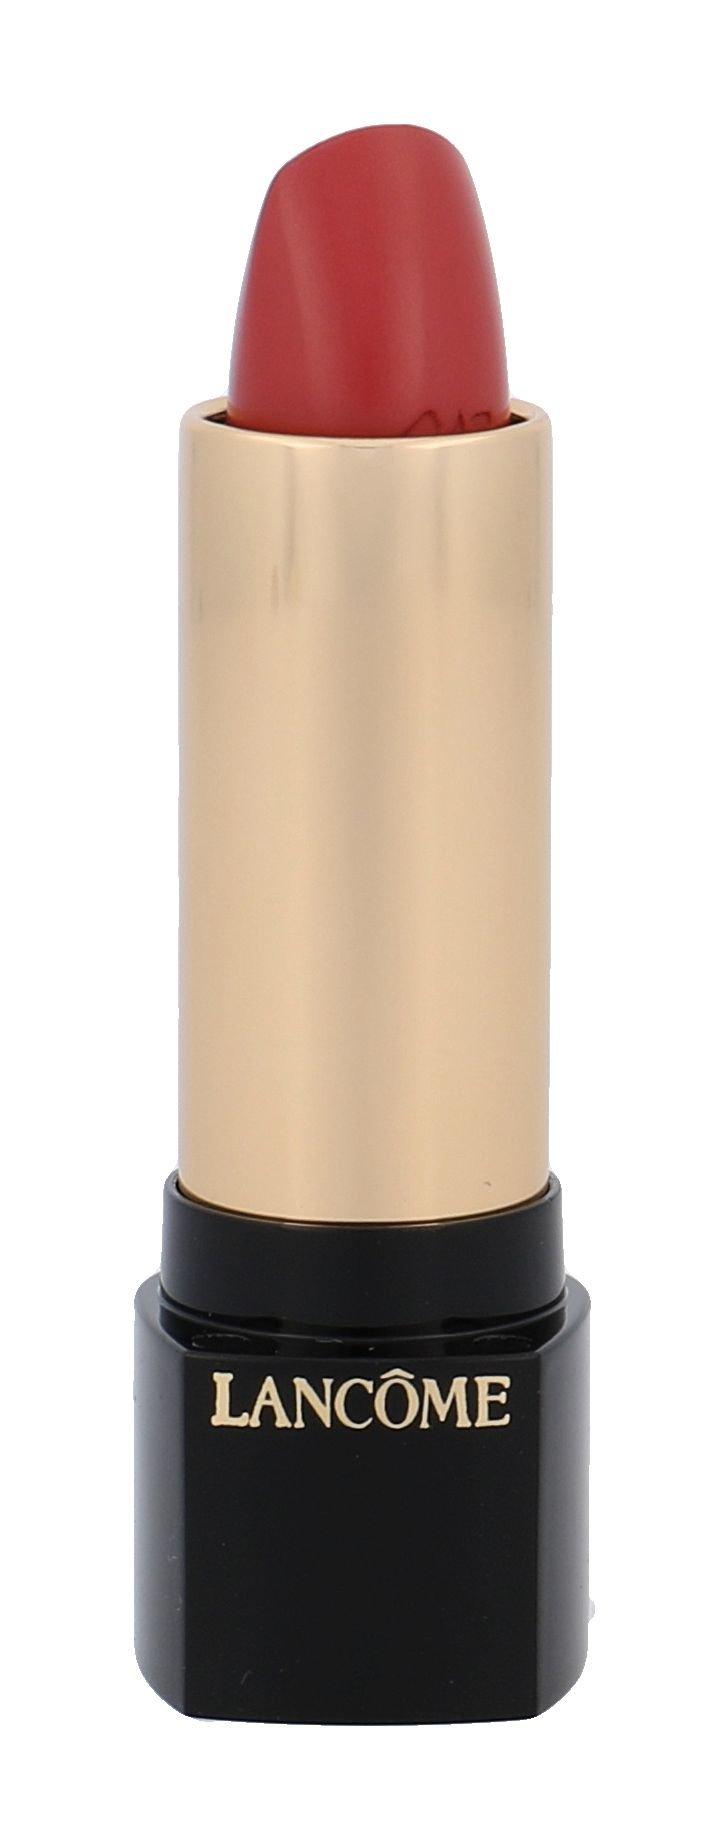 Lancôme L Absolu Rouge Cosmetic 4,2ml 07